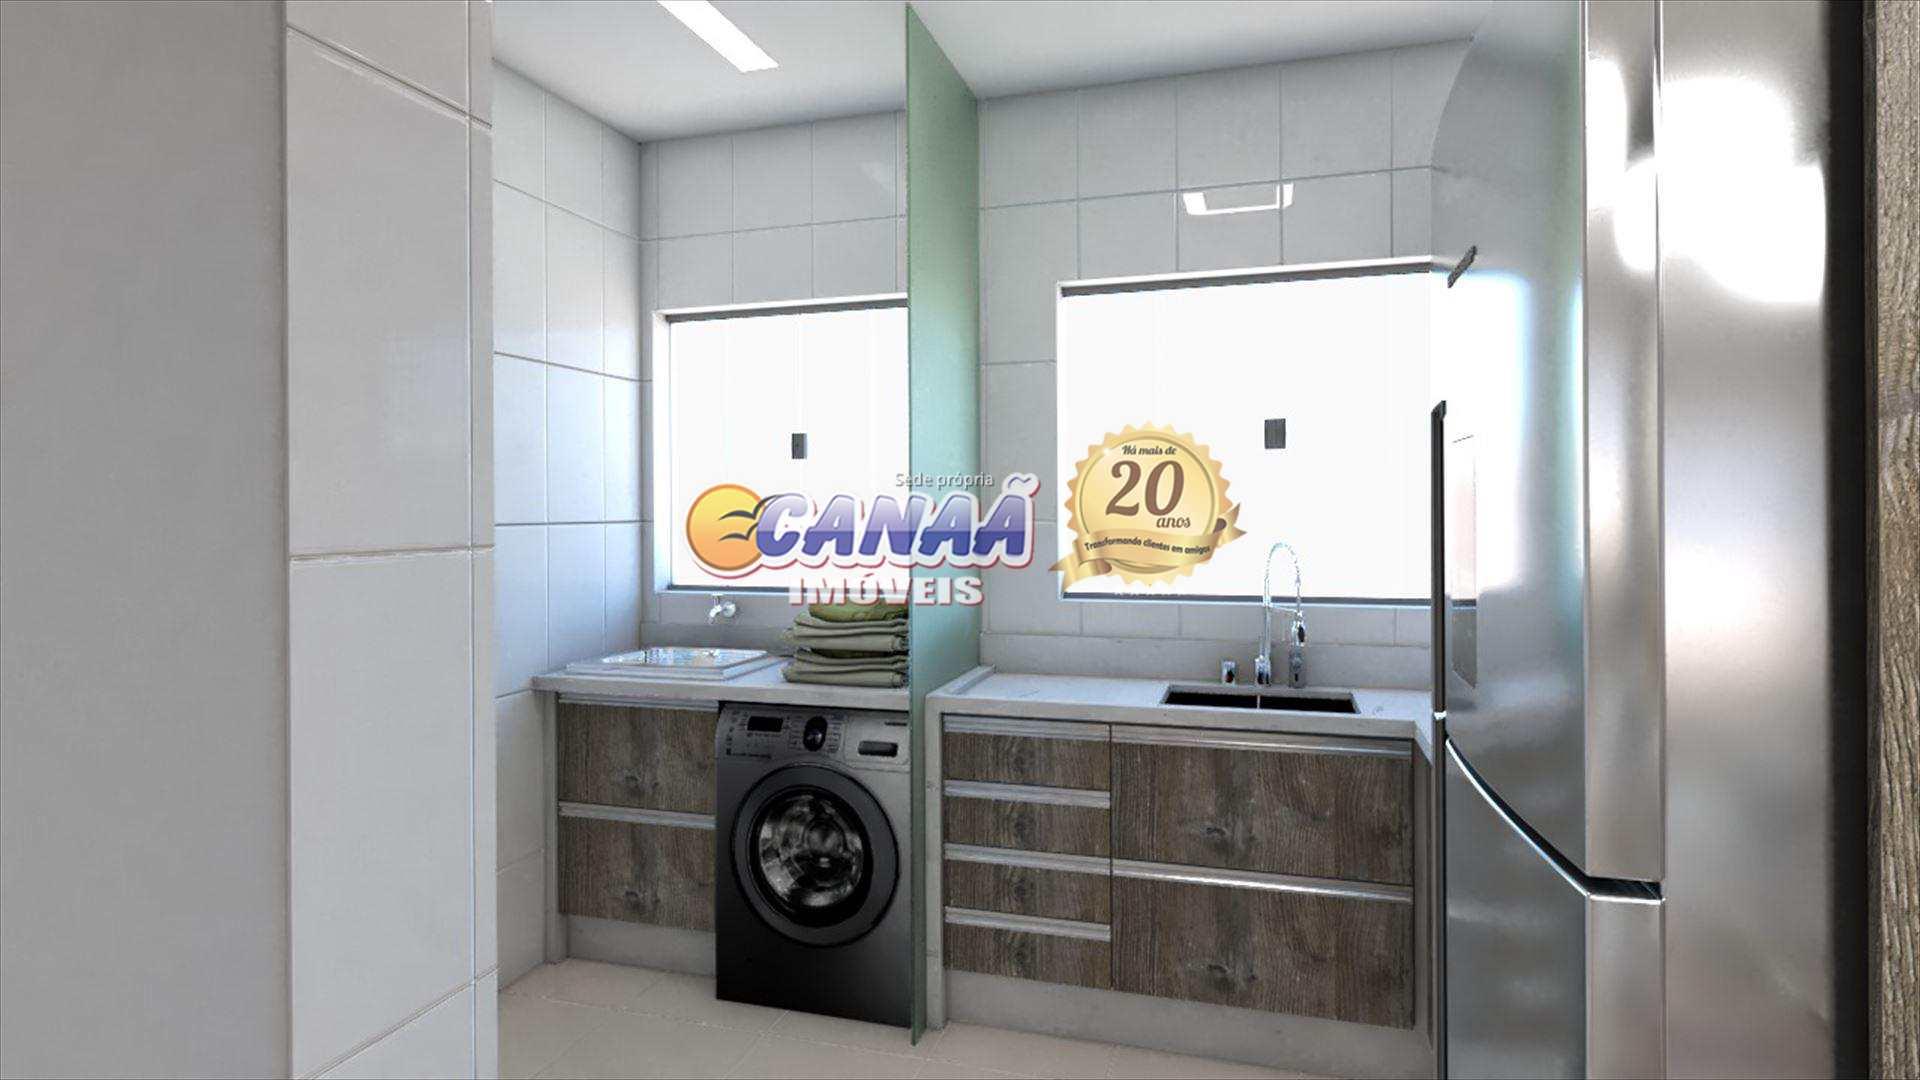 Casa de Condomínio com 2 dorms, Gaivotas, Itanhaém - R$ 150 mil, Cod: 6863